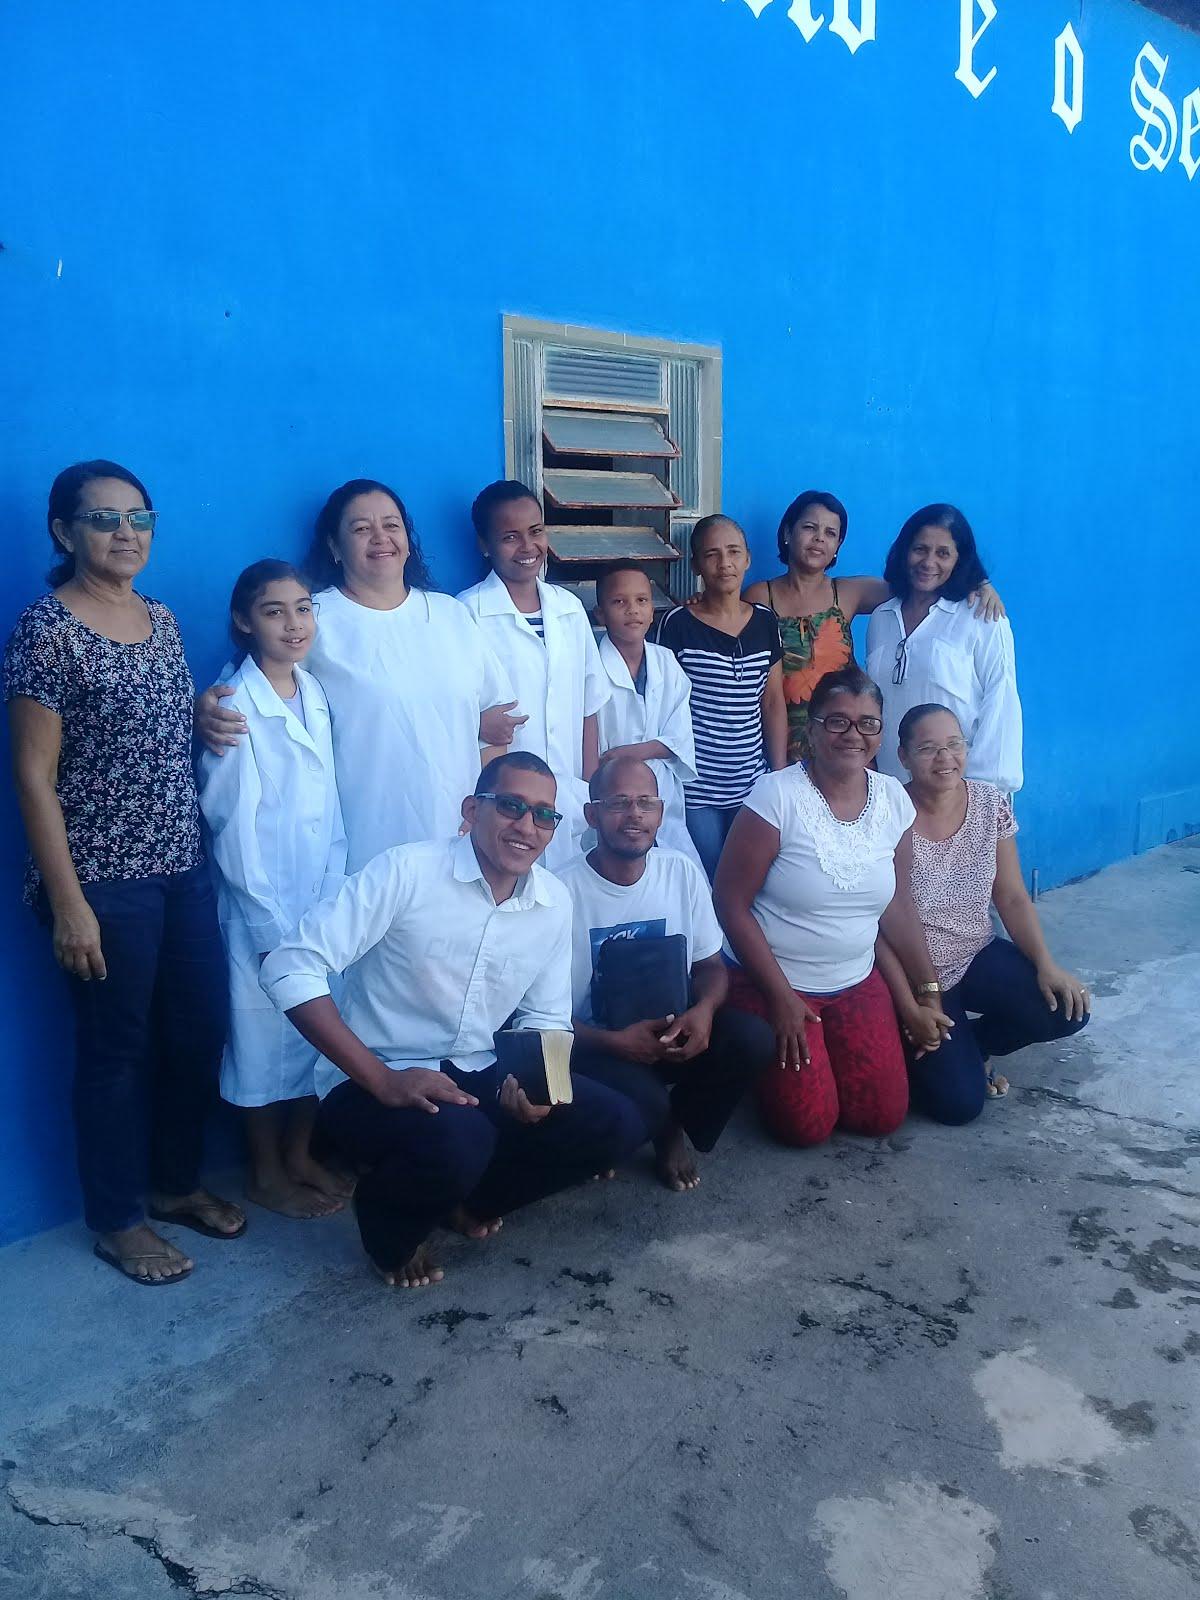 Batismo da IBMSJ bênção de Deus aconteceu em 27 de novembro 2017